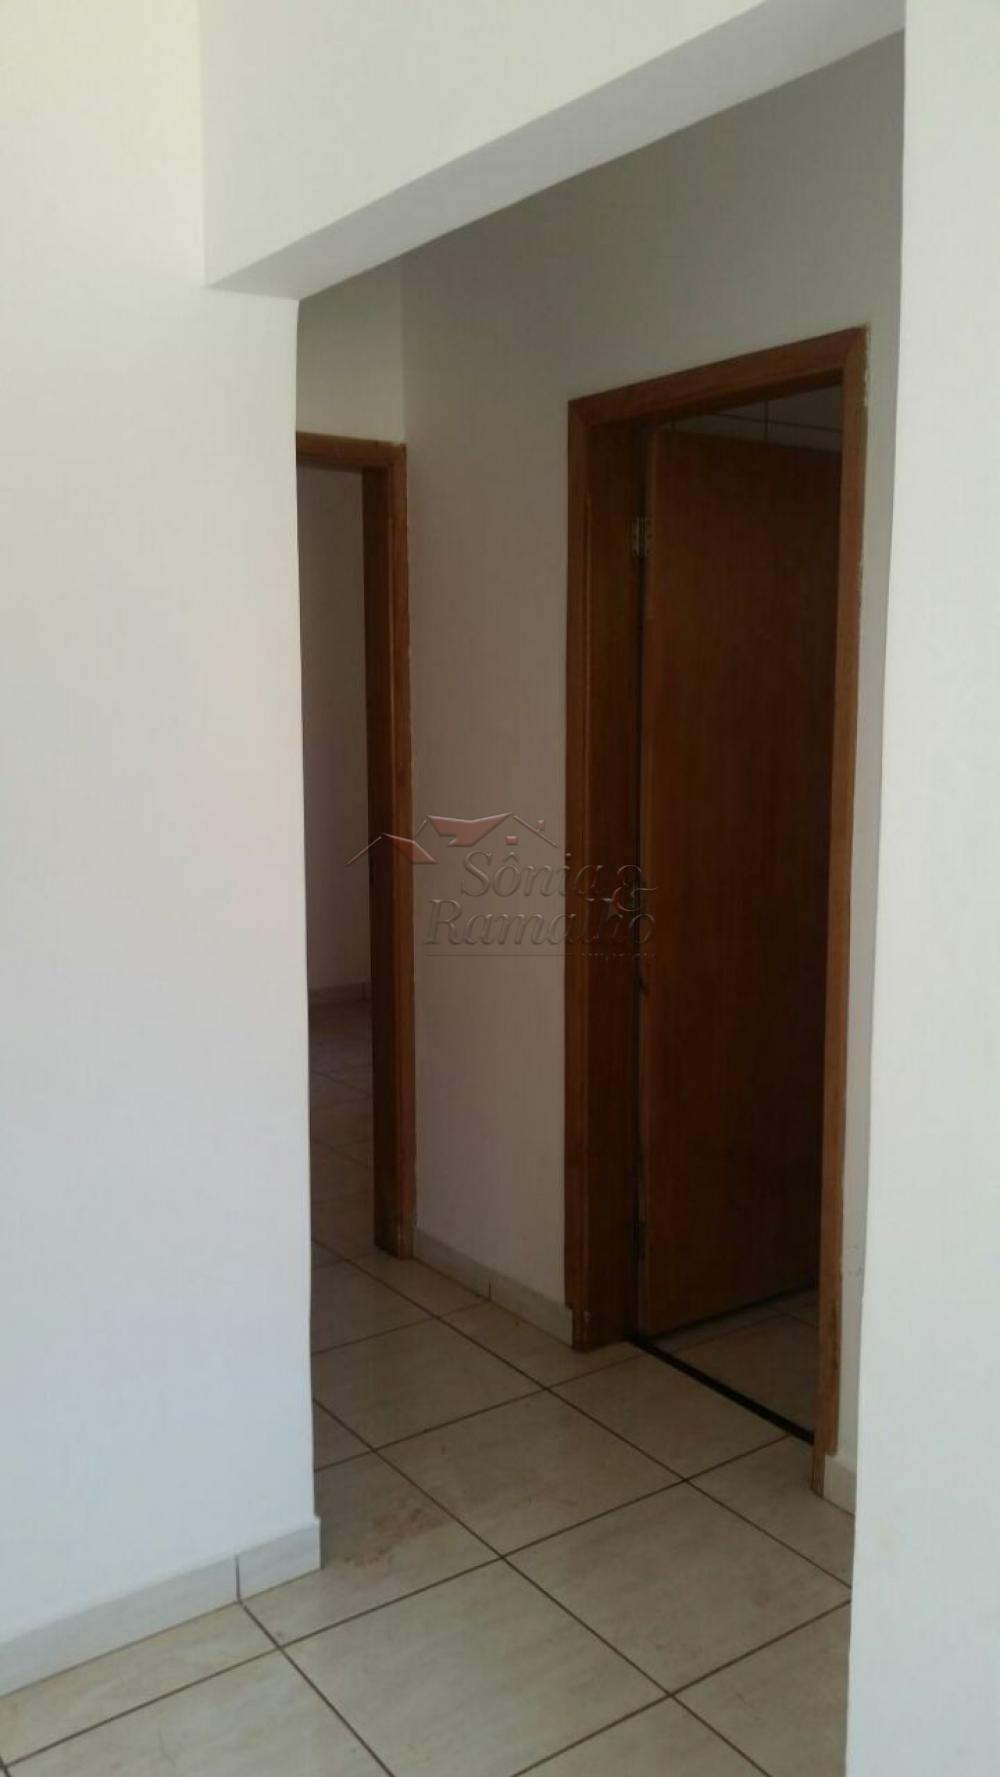 Alugar Casas / Condomínio em Ribeirão Preto apenas R$ 850,00 - Foto 21